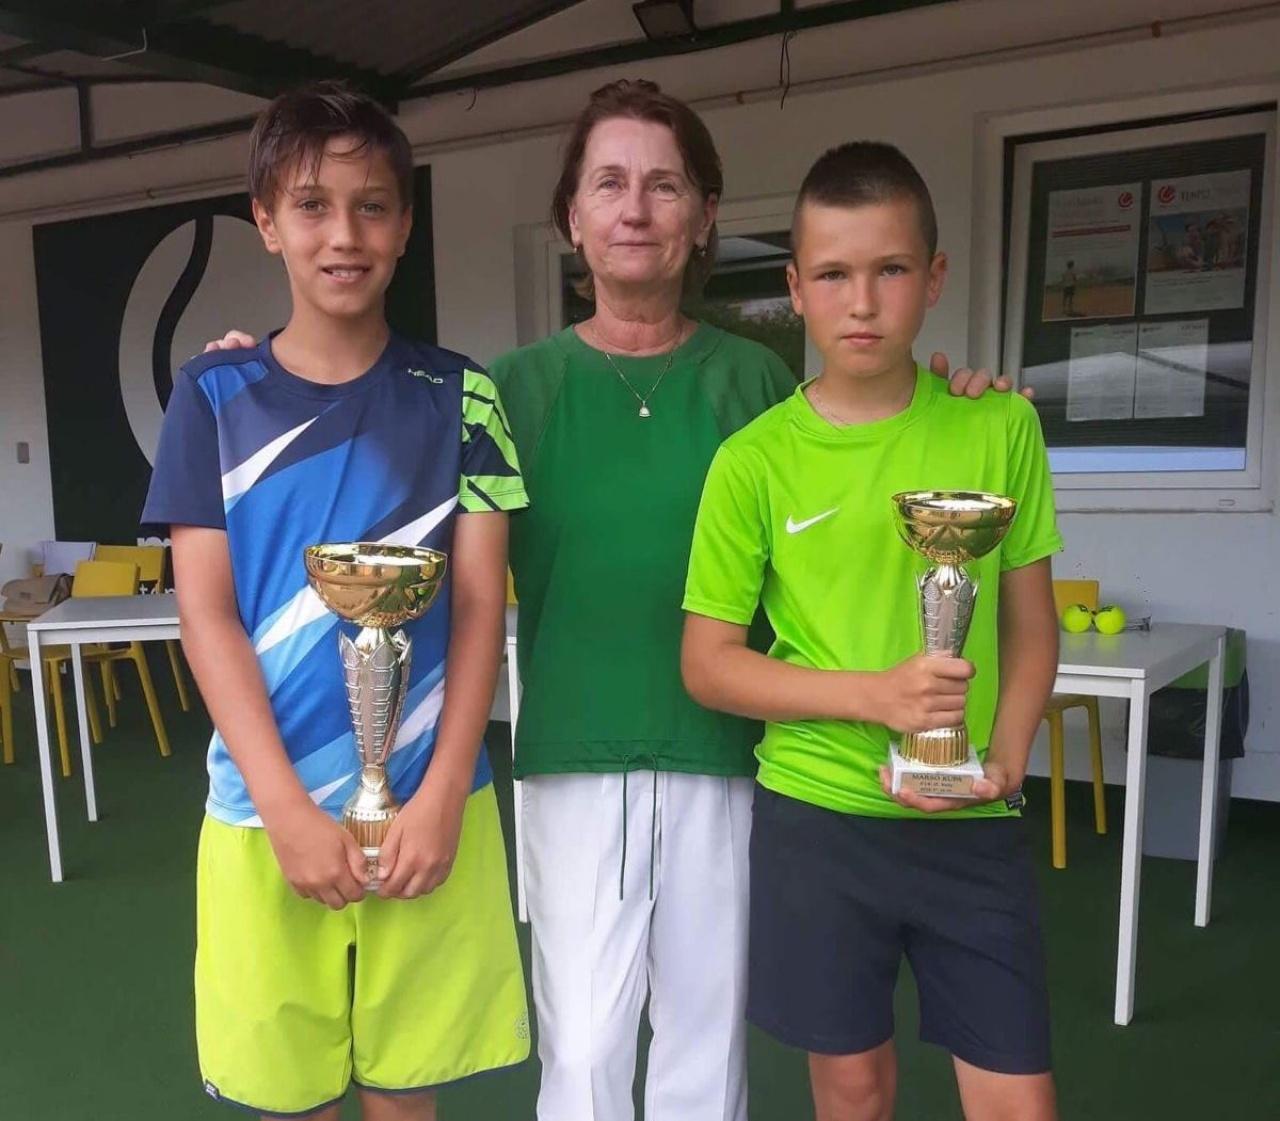 Tenisz - Nyíregyházán és a Balaton partján a Marso Tenisz Centrum fiataljai